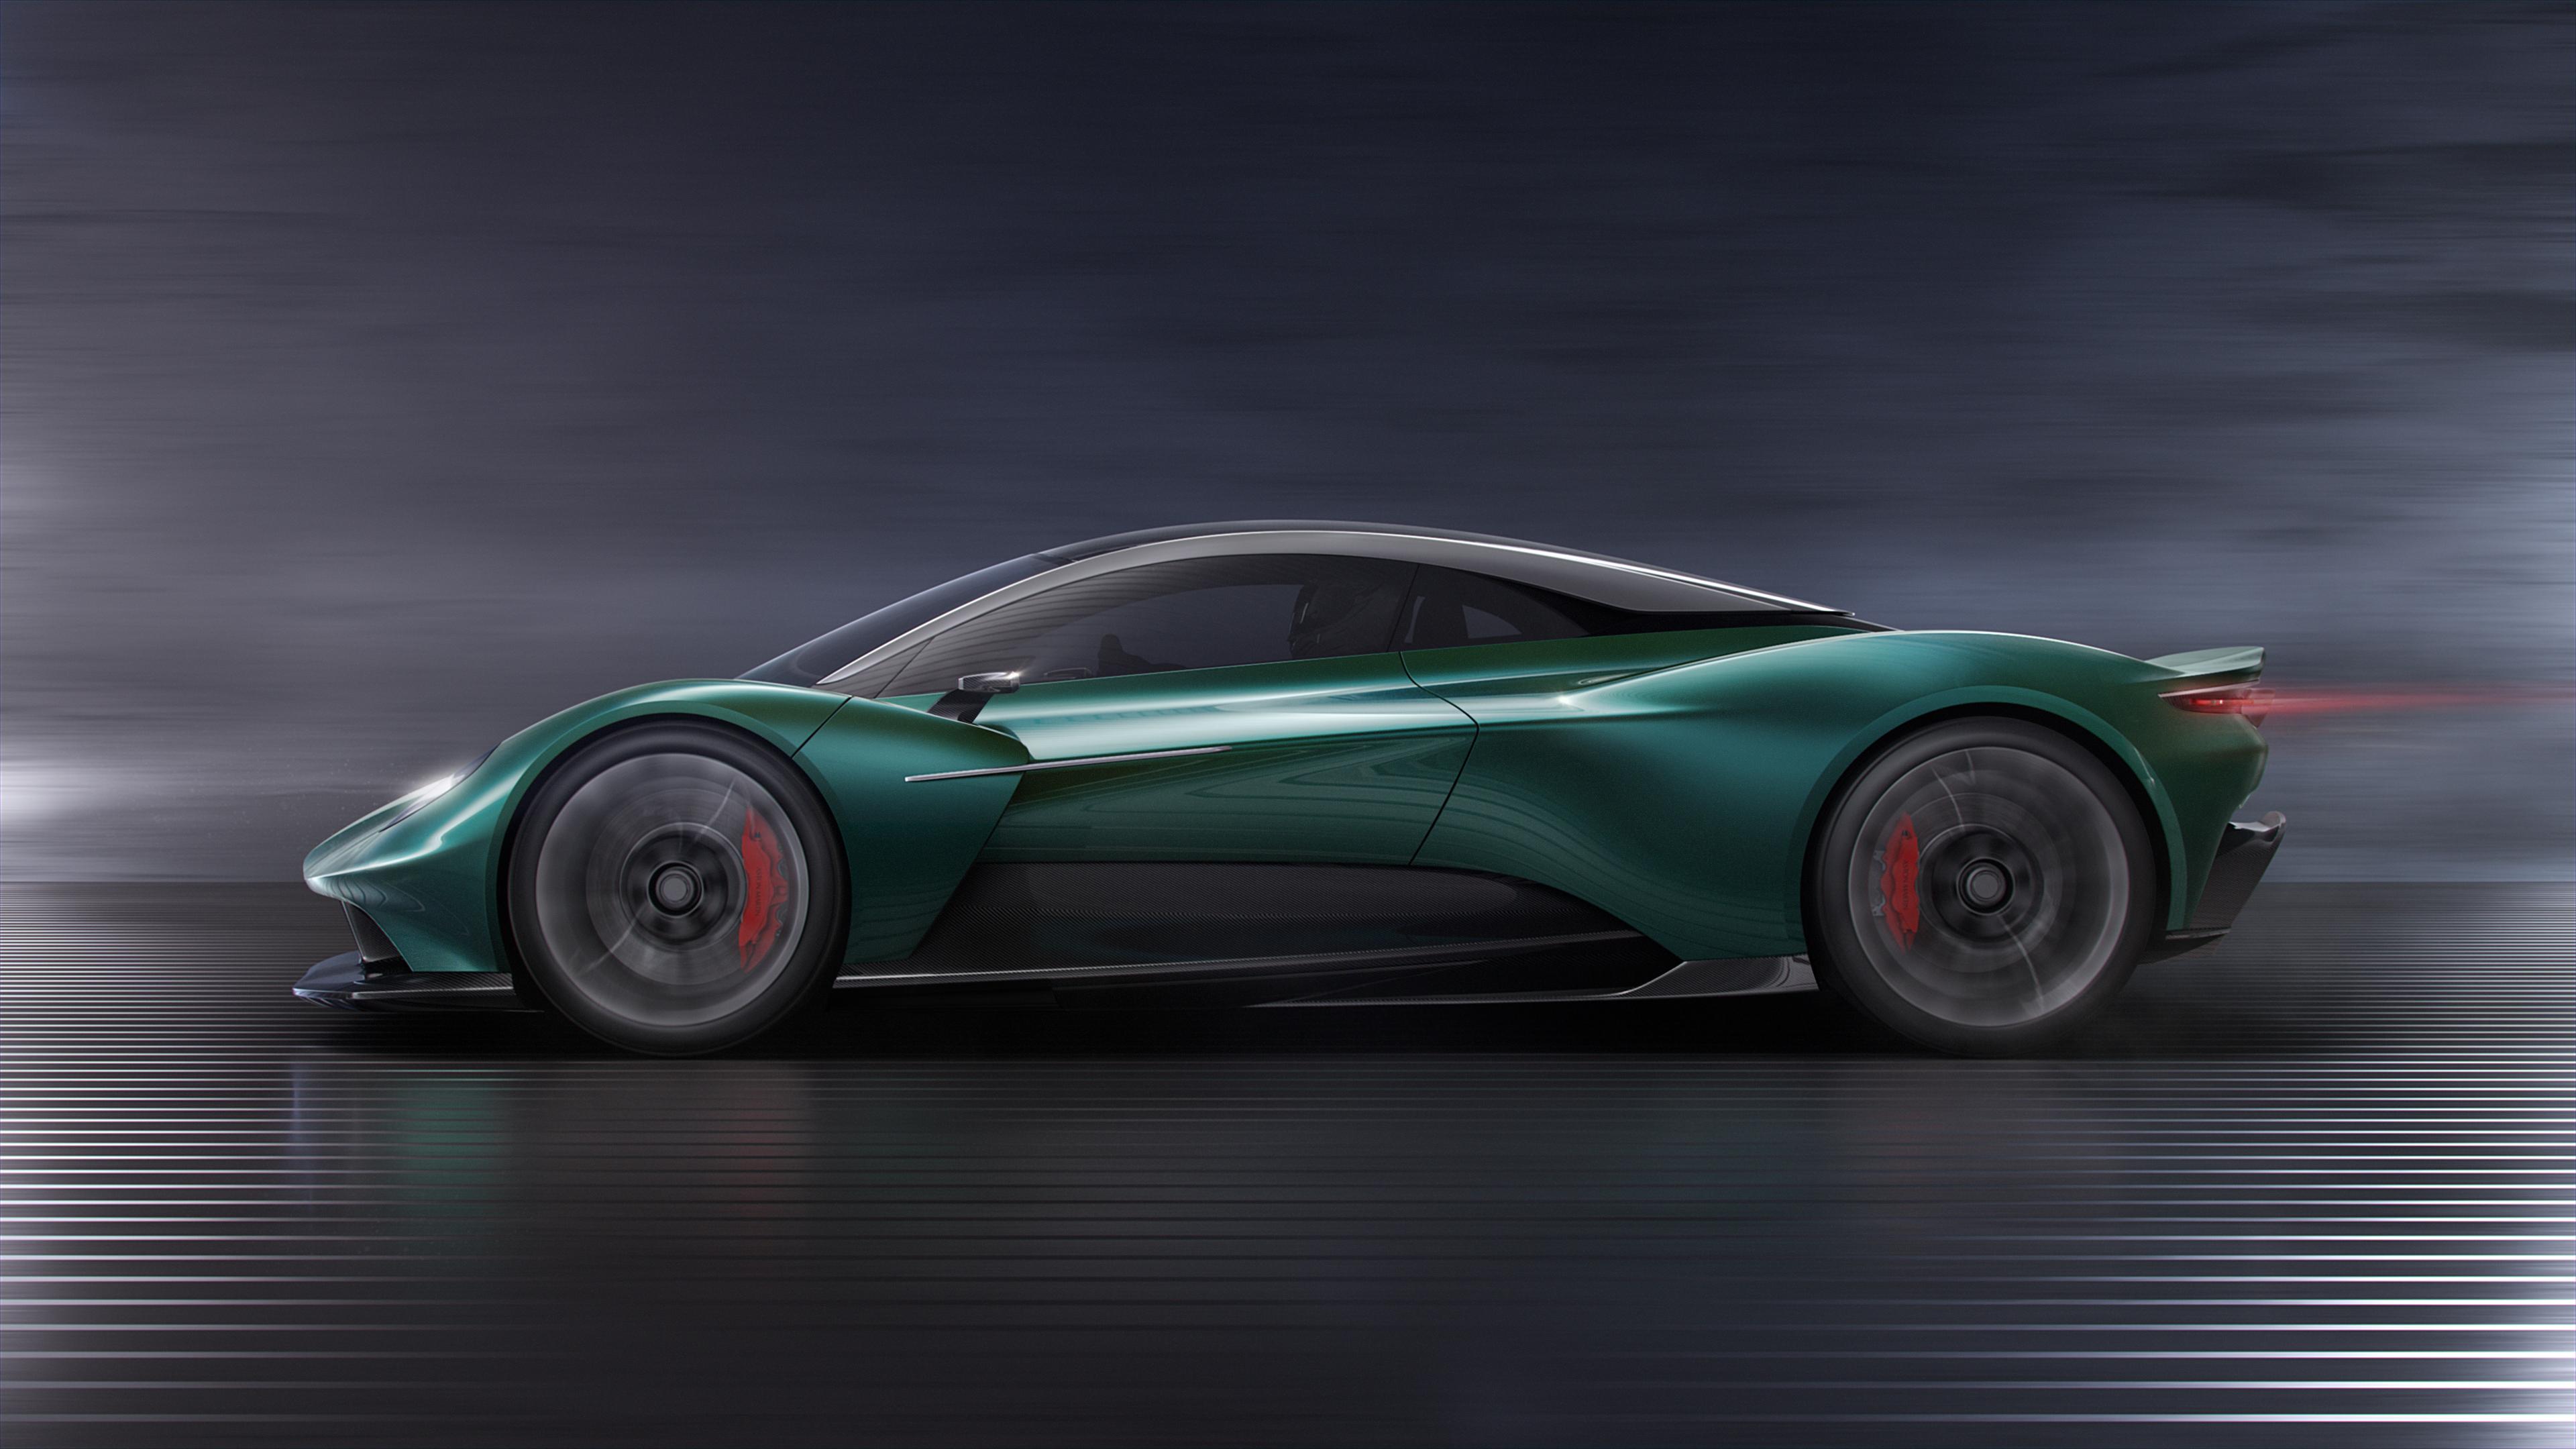 Wallpaper 4k Aston Martin Vanquish Vision Concept 2019 4k